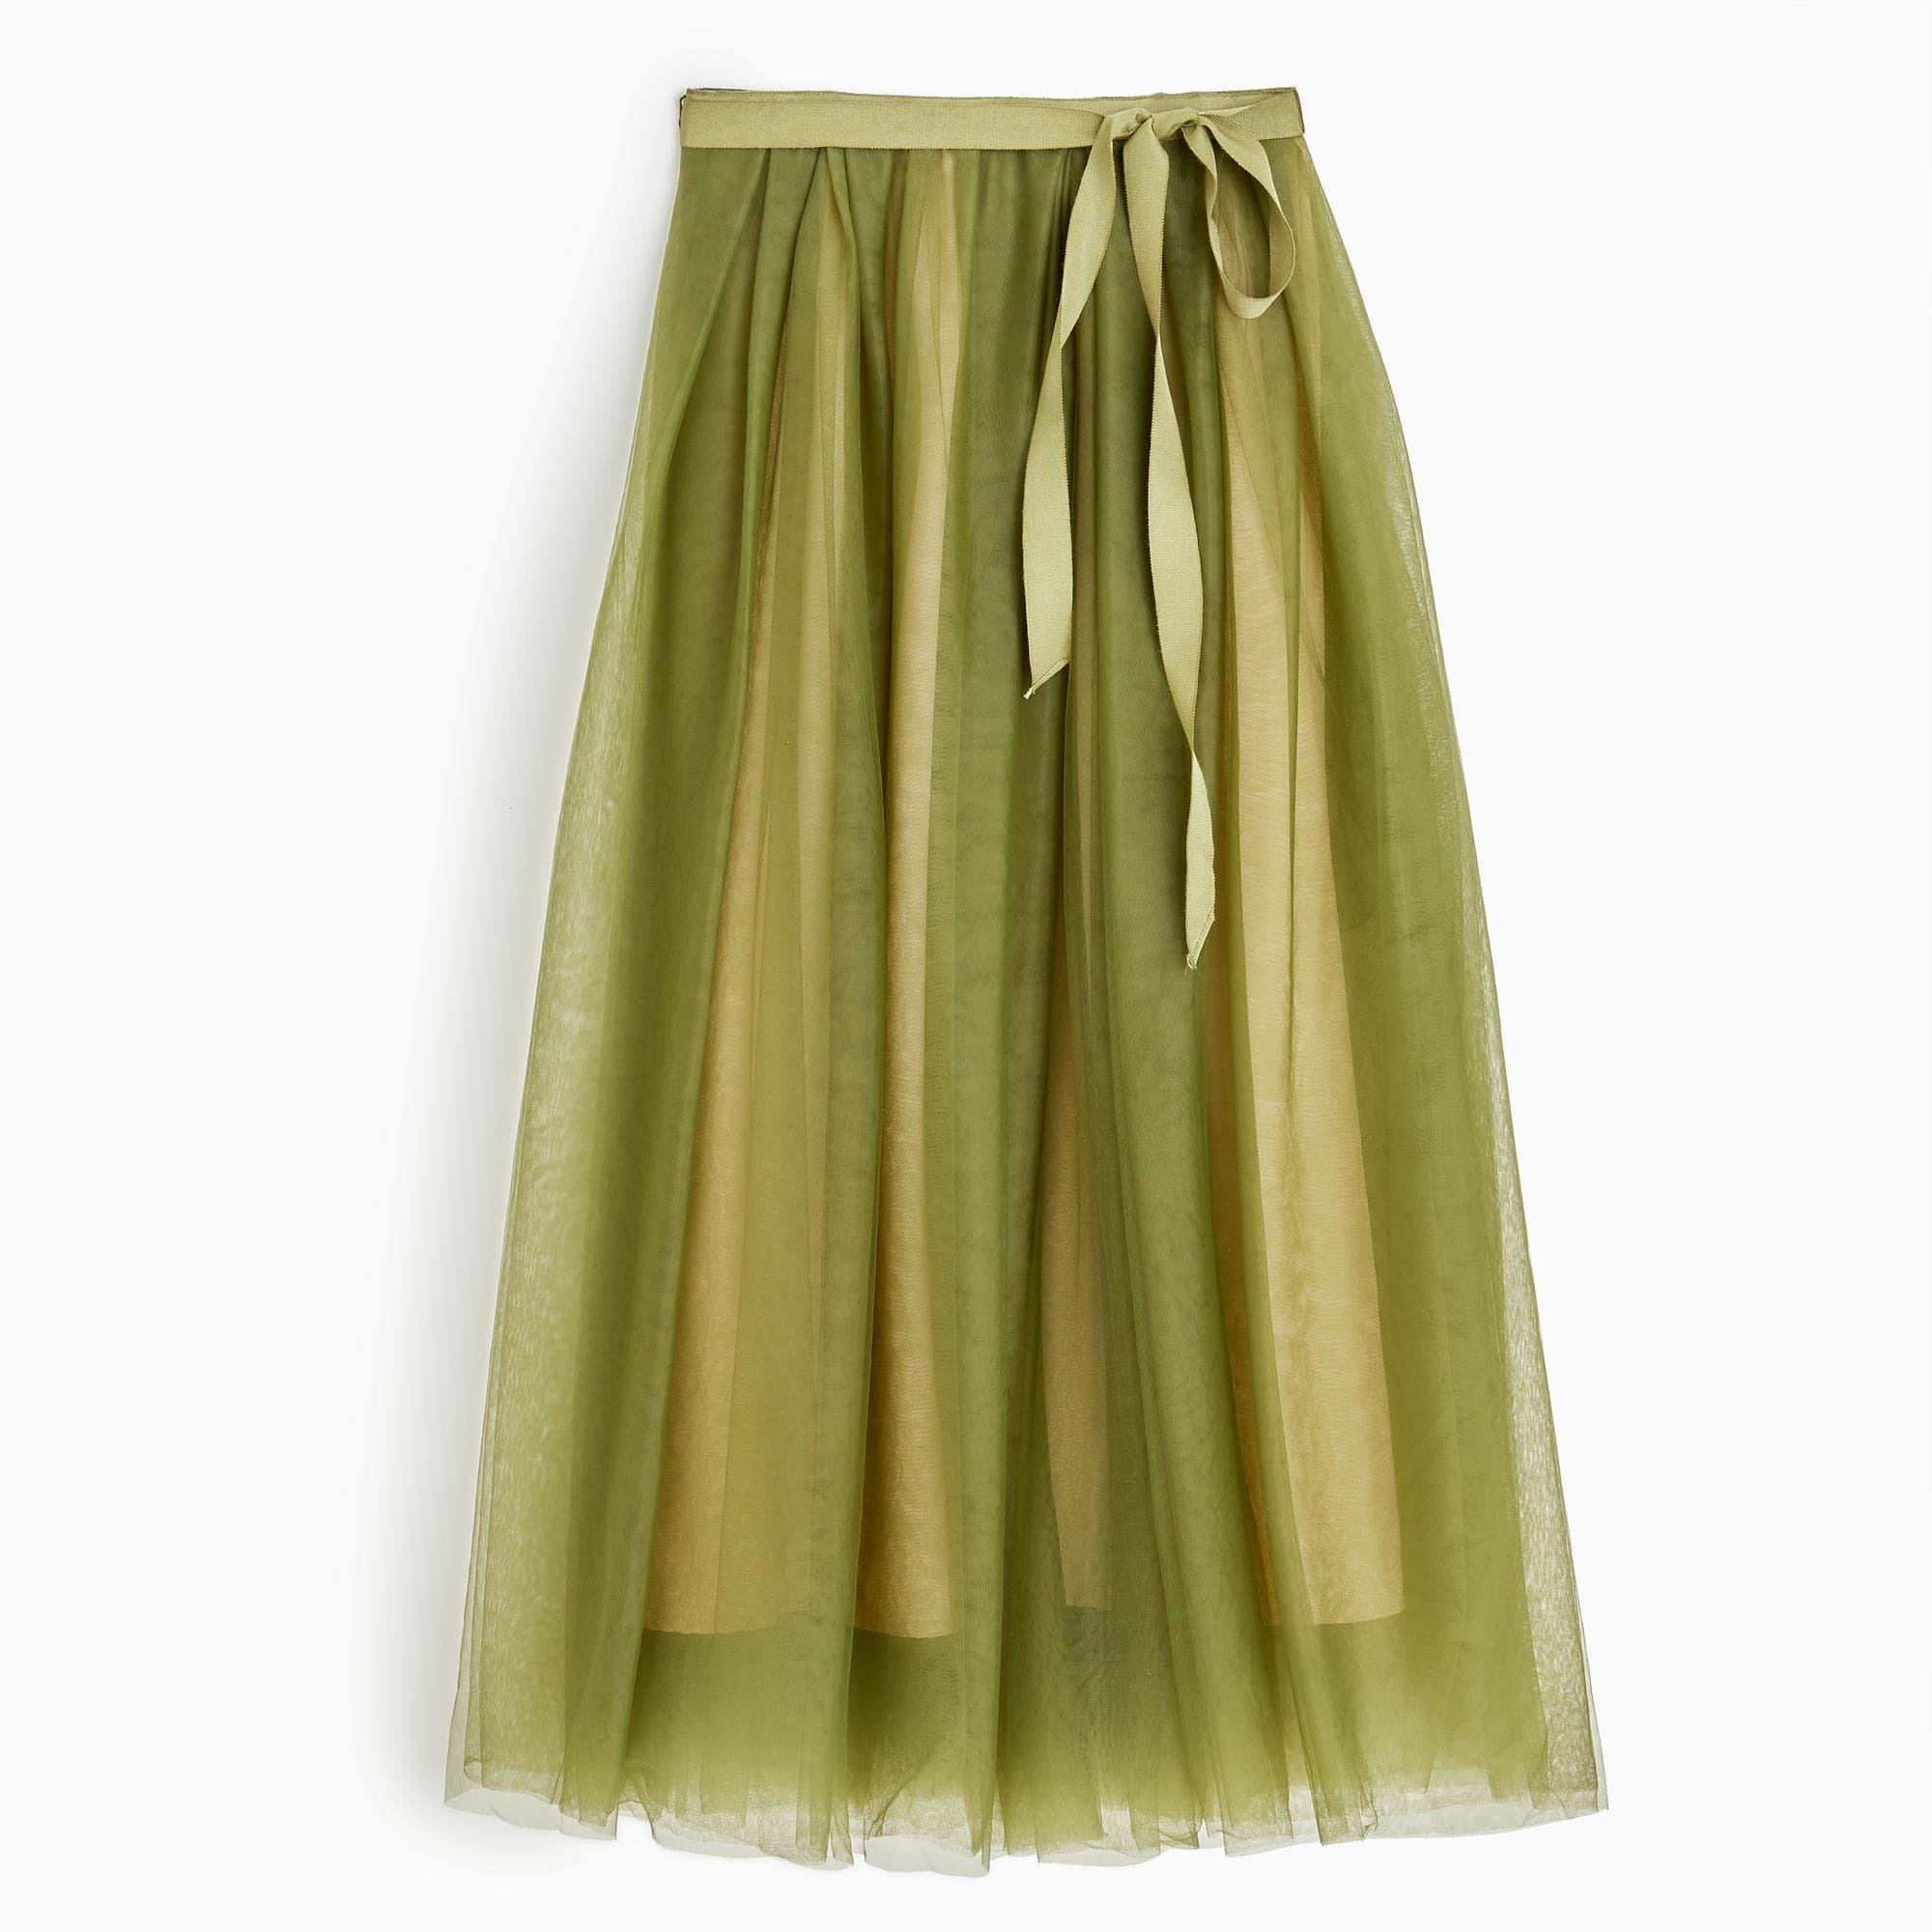 J. Crew Tulle Skirt, $160